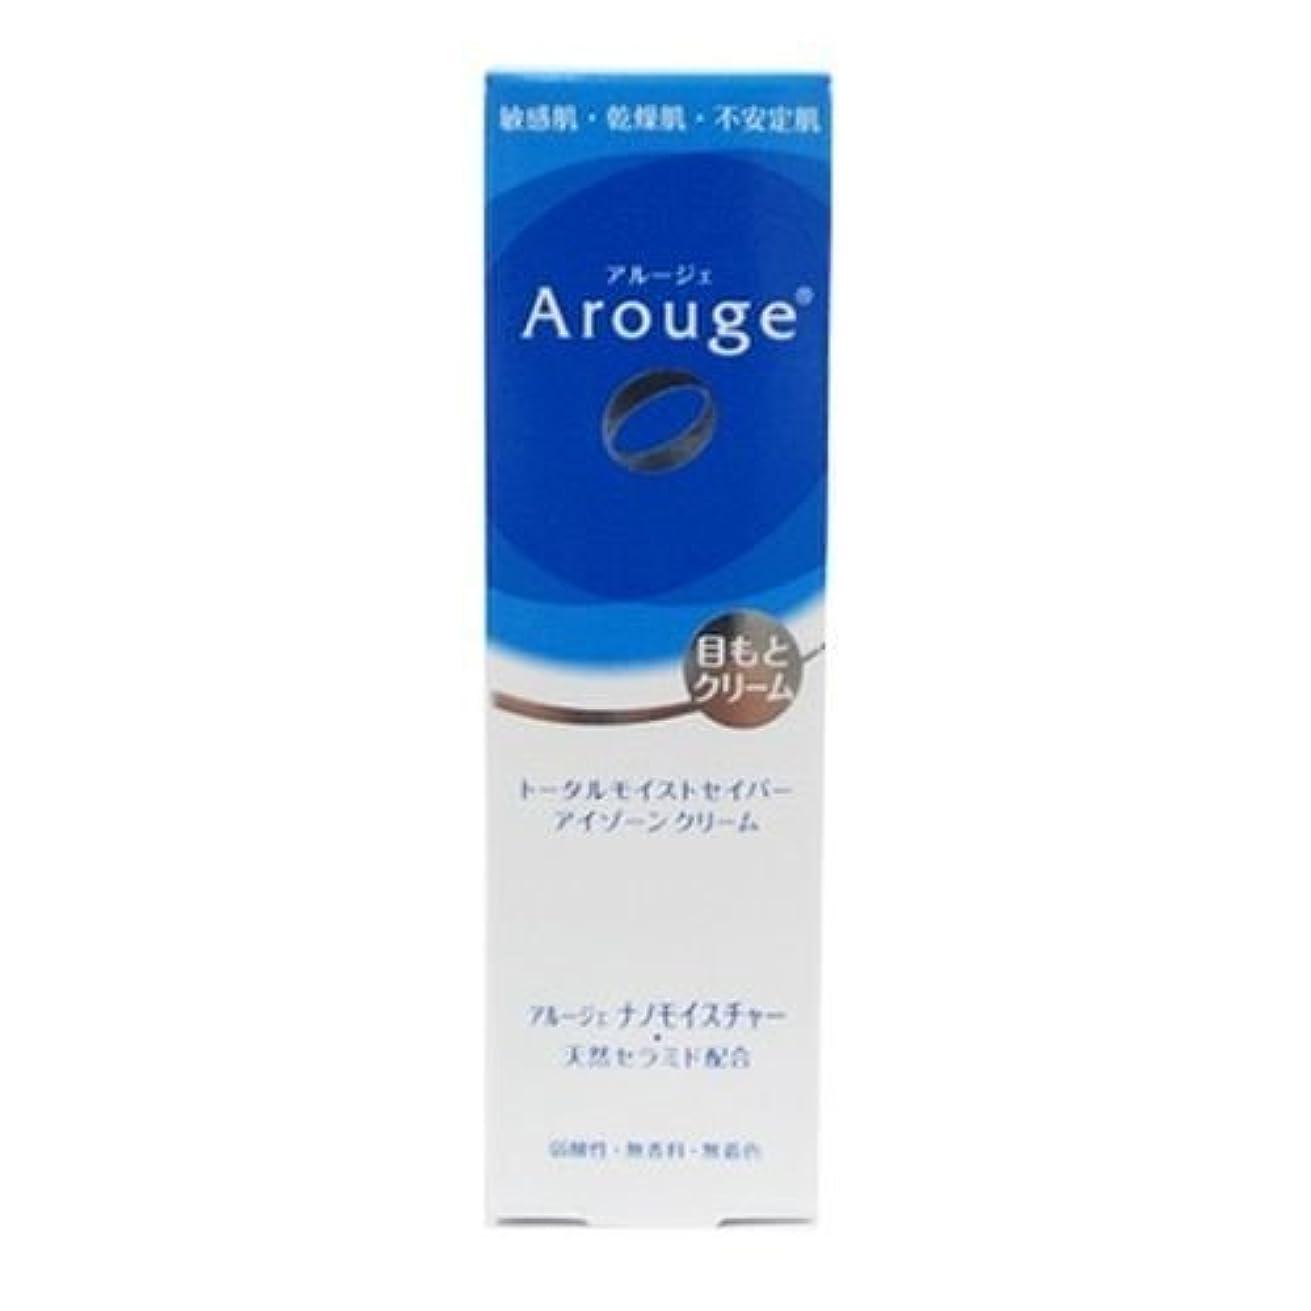 ステッチよろめくテンポアルージェ(Arouge)トータルモイストセイバー アイゾーンクリーム 15g